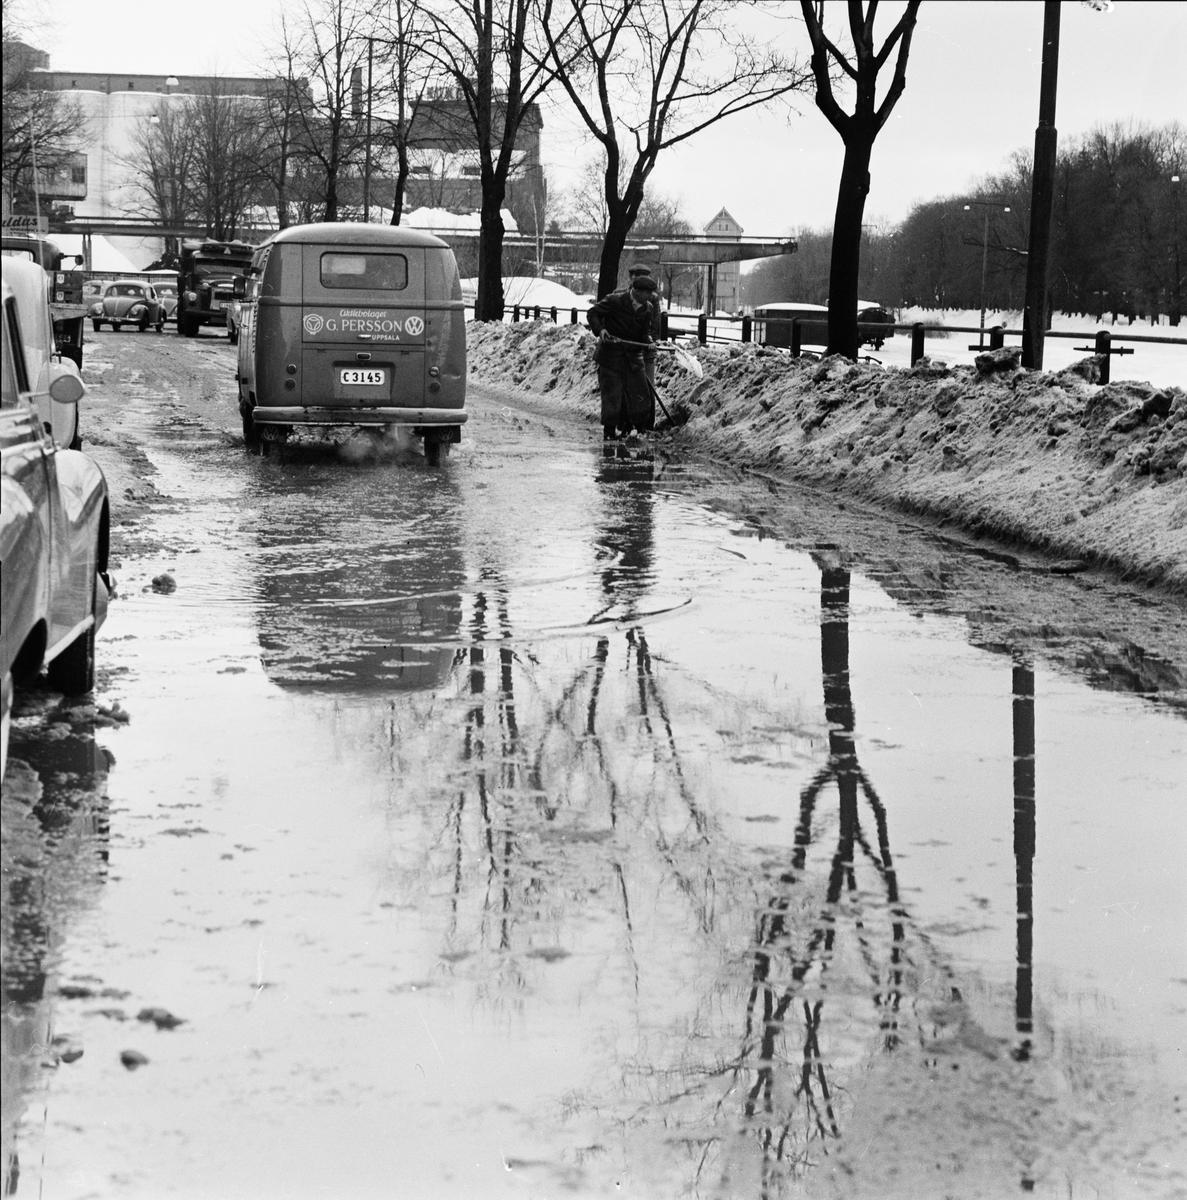 Snöskottning i blötsnö, Uppsala januari 1959